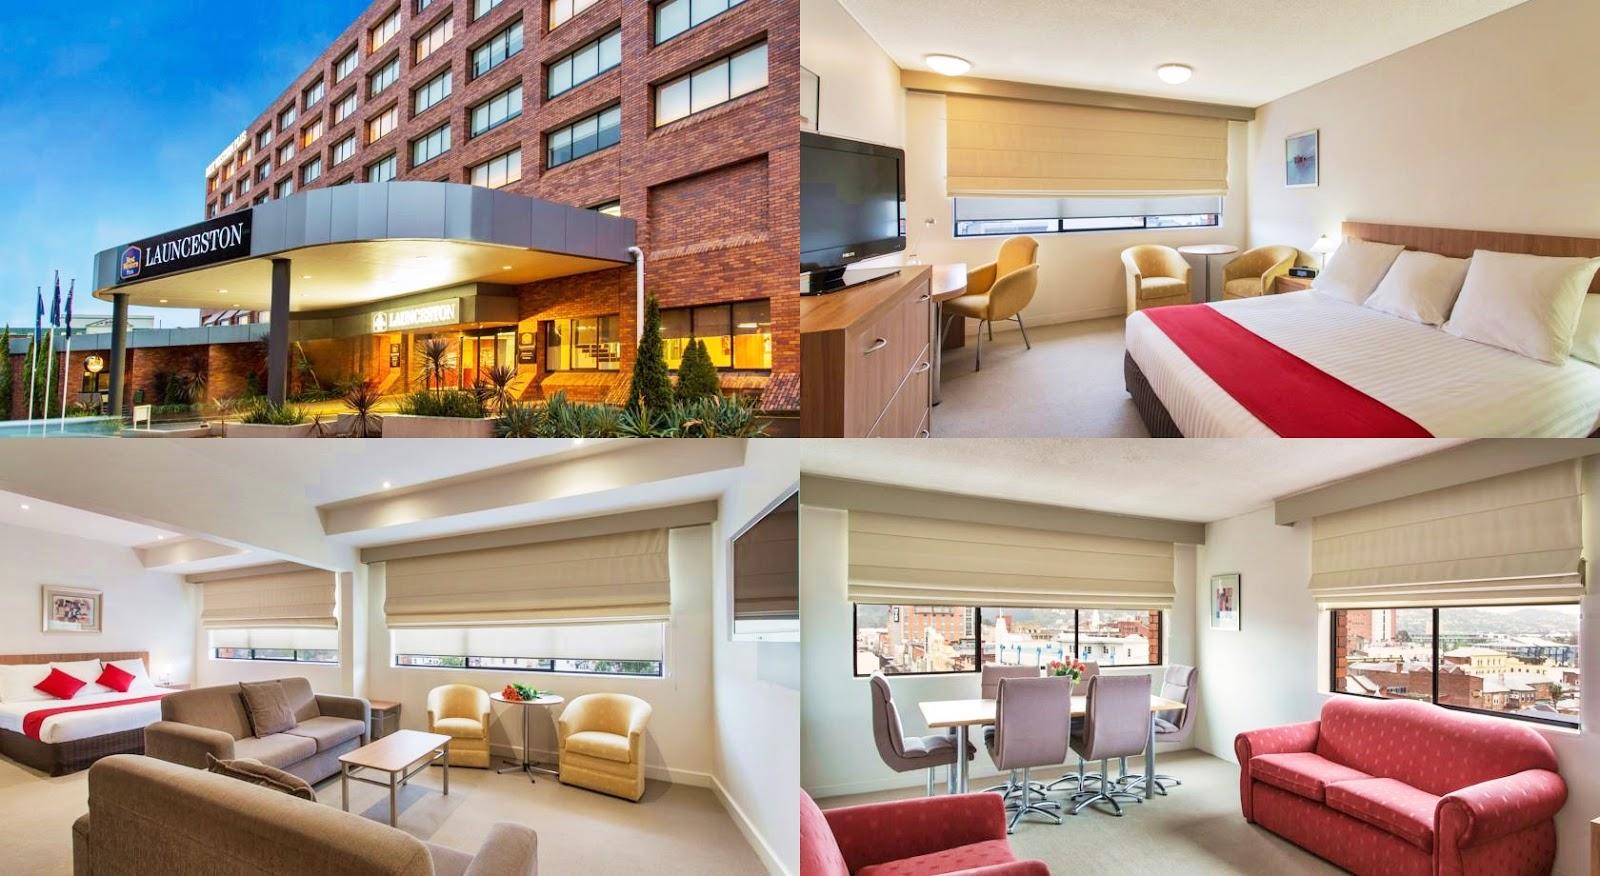 塔斯馬尼亞-住宿-推薦-朗塞斯頓貝斯特韋斯特PLUS酒店-Best-Western-Plus-Launceston-旅館-飯店-酒店-民宿-公寓-澳洲-Tasmania-Hotel-Apartment-Accommodation-Australia